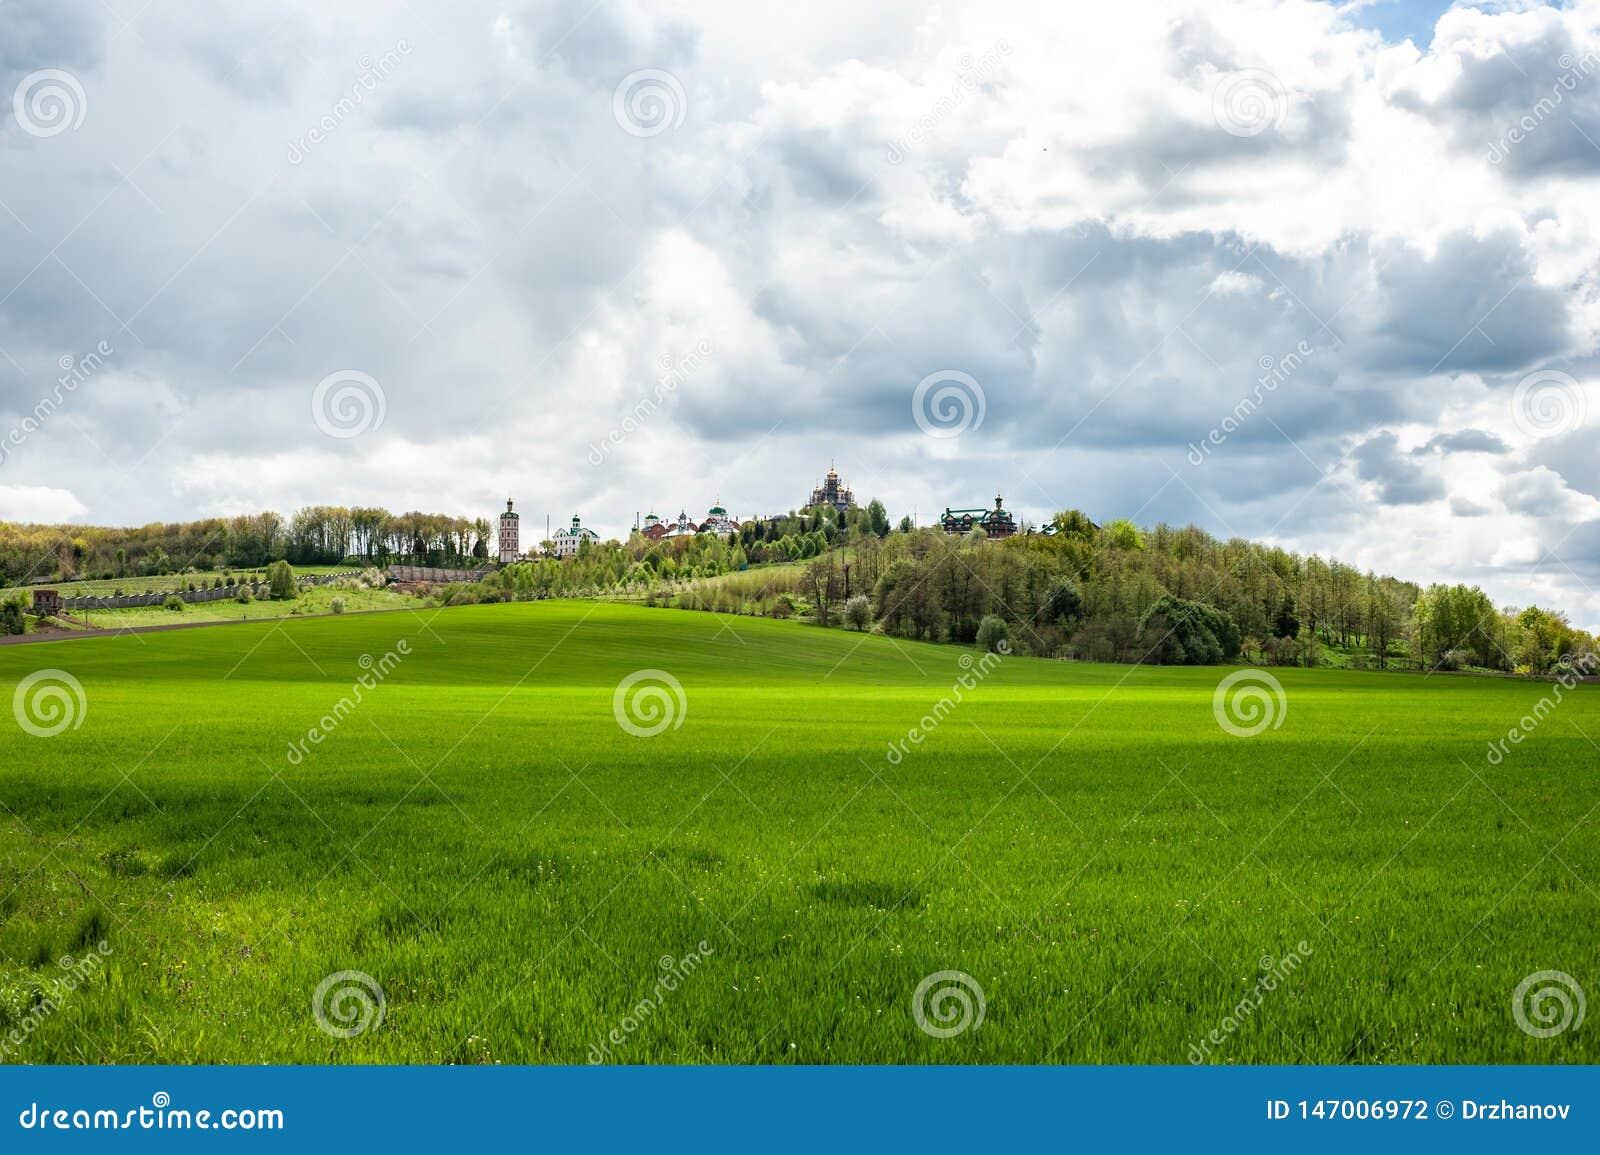 Paesaggio con erba verde, gli alberi ed il monastero sulla collina sotto il cielo nuvoloso